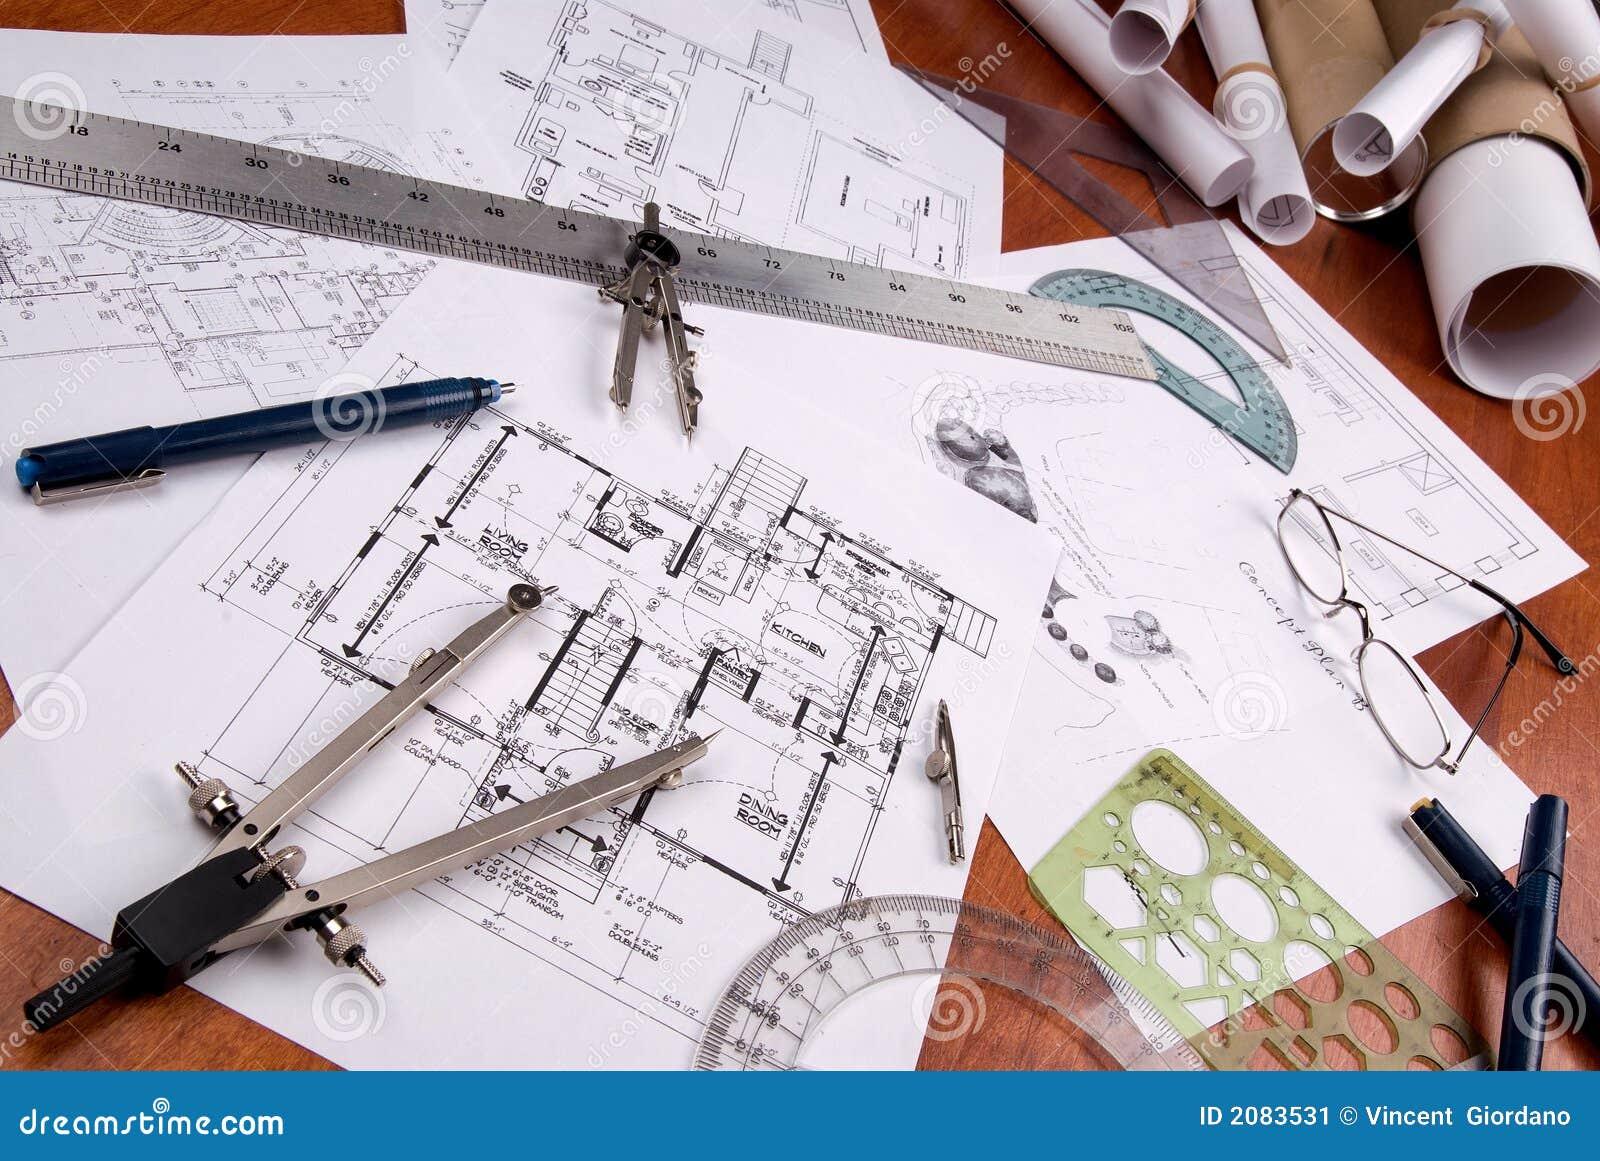 Commercial Web Design Tools